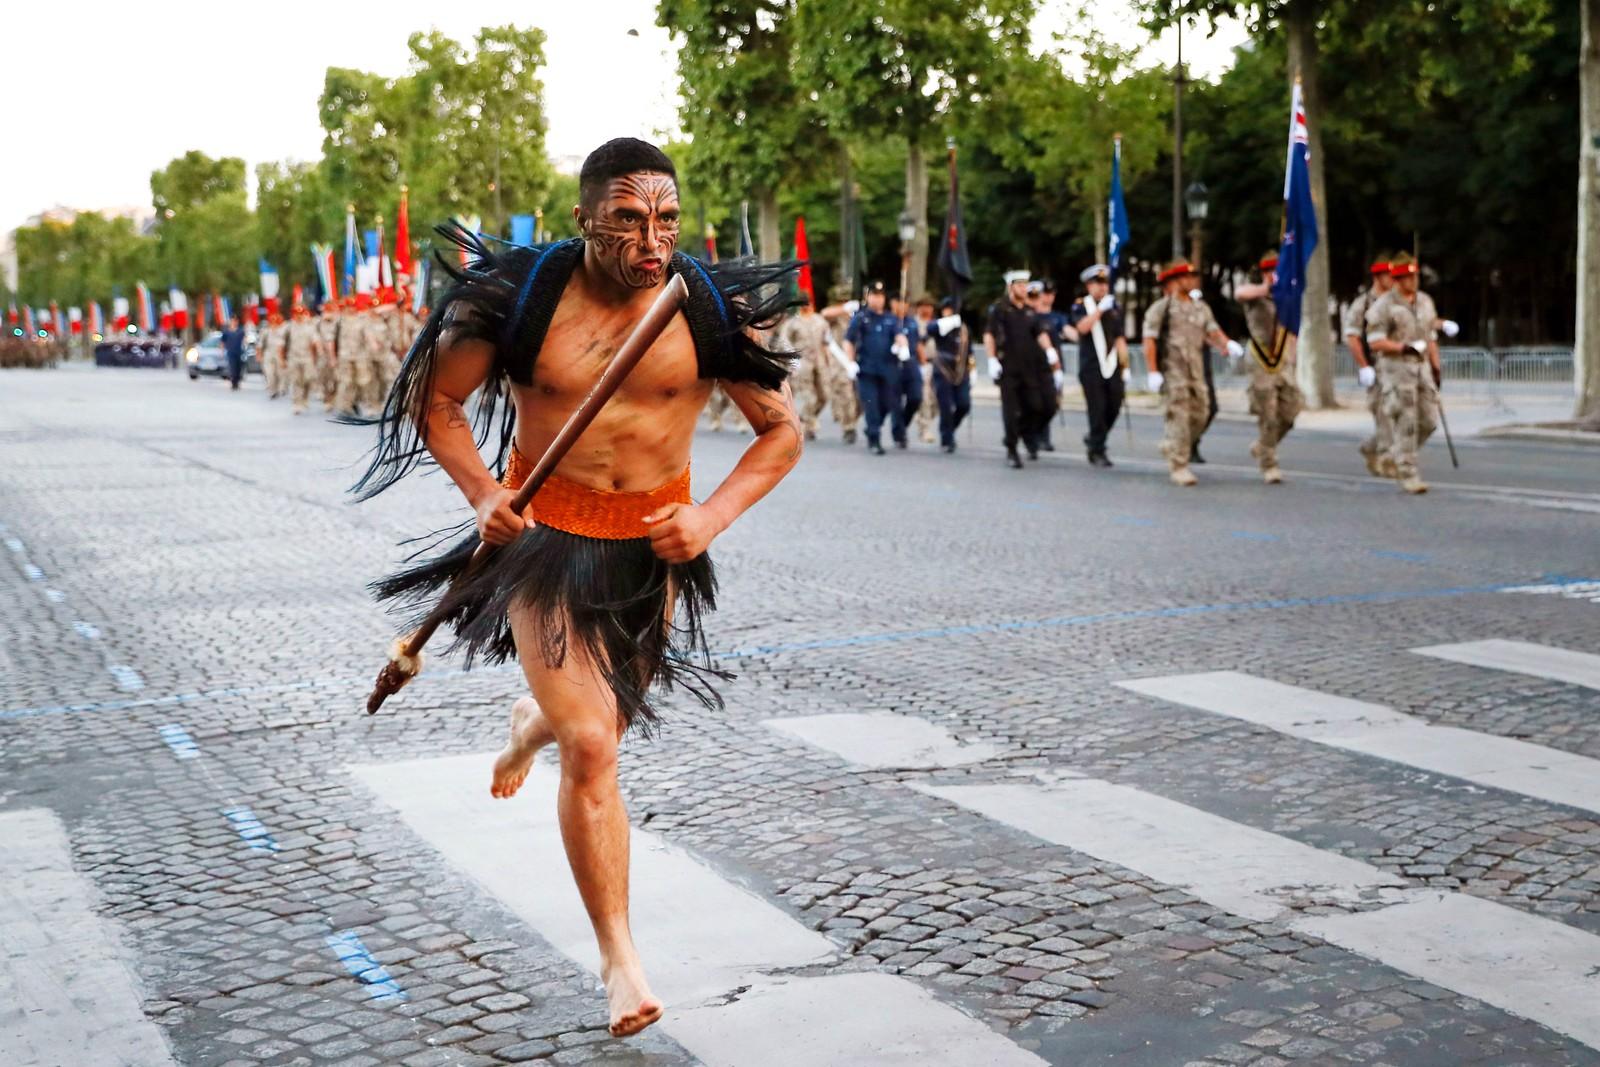 En Maori løper ned Champs Elysees i Paris under en øving til Bastille-dagen den 12 juli. Maoriene er et urfolk fra New Zealand. I bakgrunnen marsjerer soldater fra hjemlandet hans. Bastille-dagen er Frankrikes nasjonaldag, og feires den 14.juli.